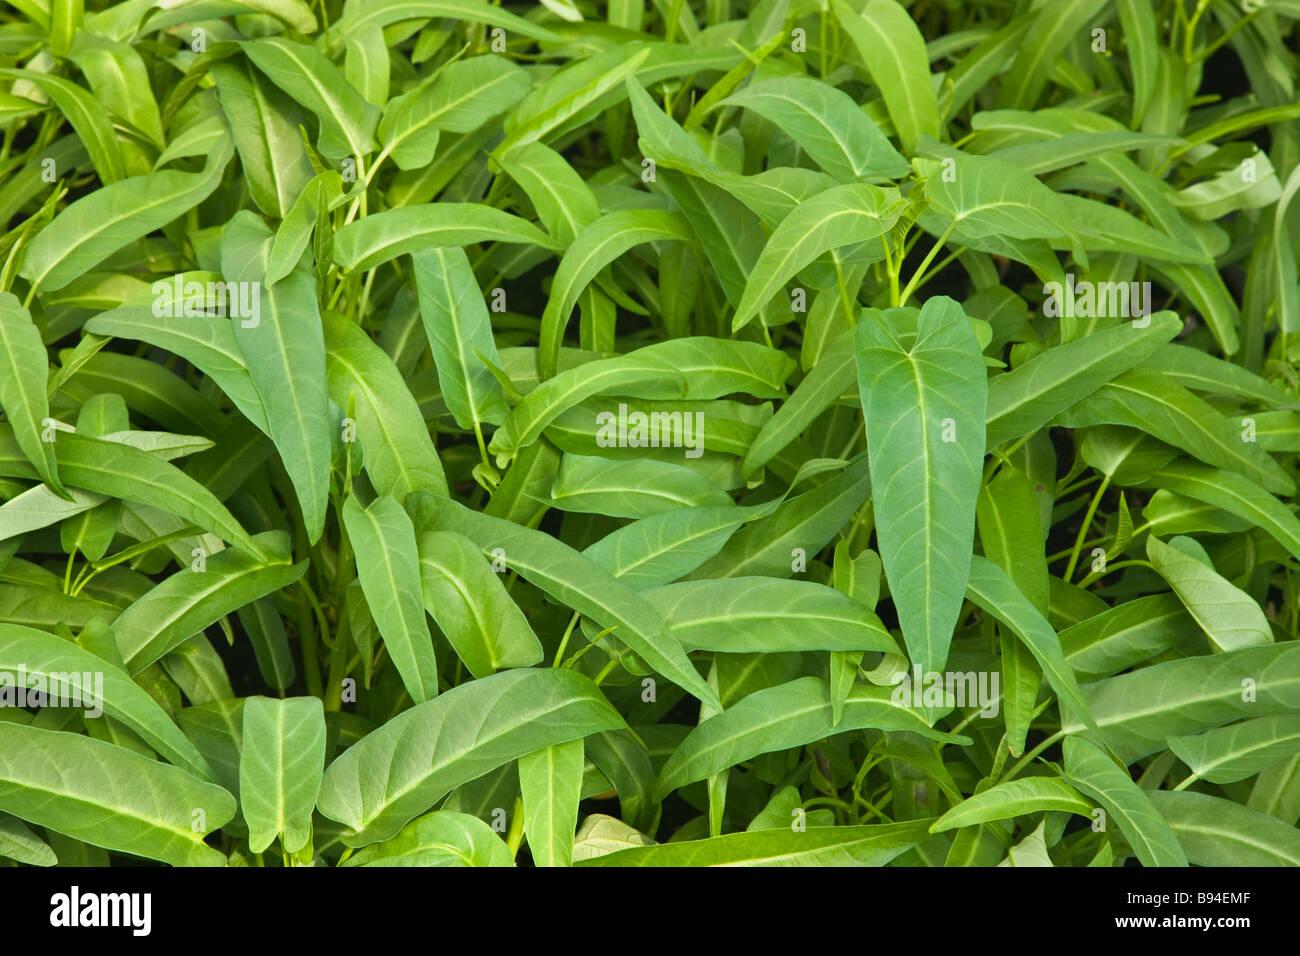 La ong choy agua espinacas crecen en invernadero.. Imagen De Stock